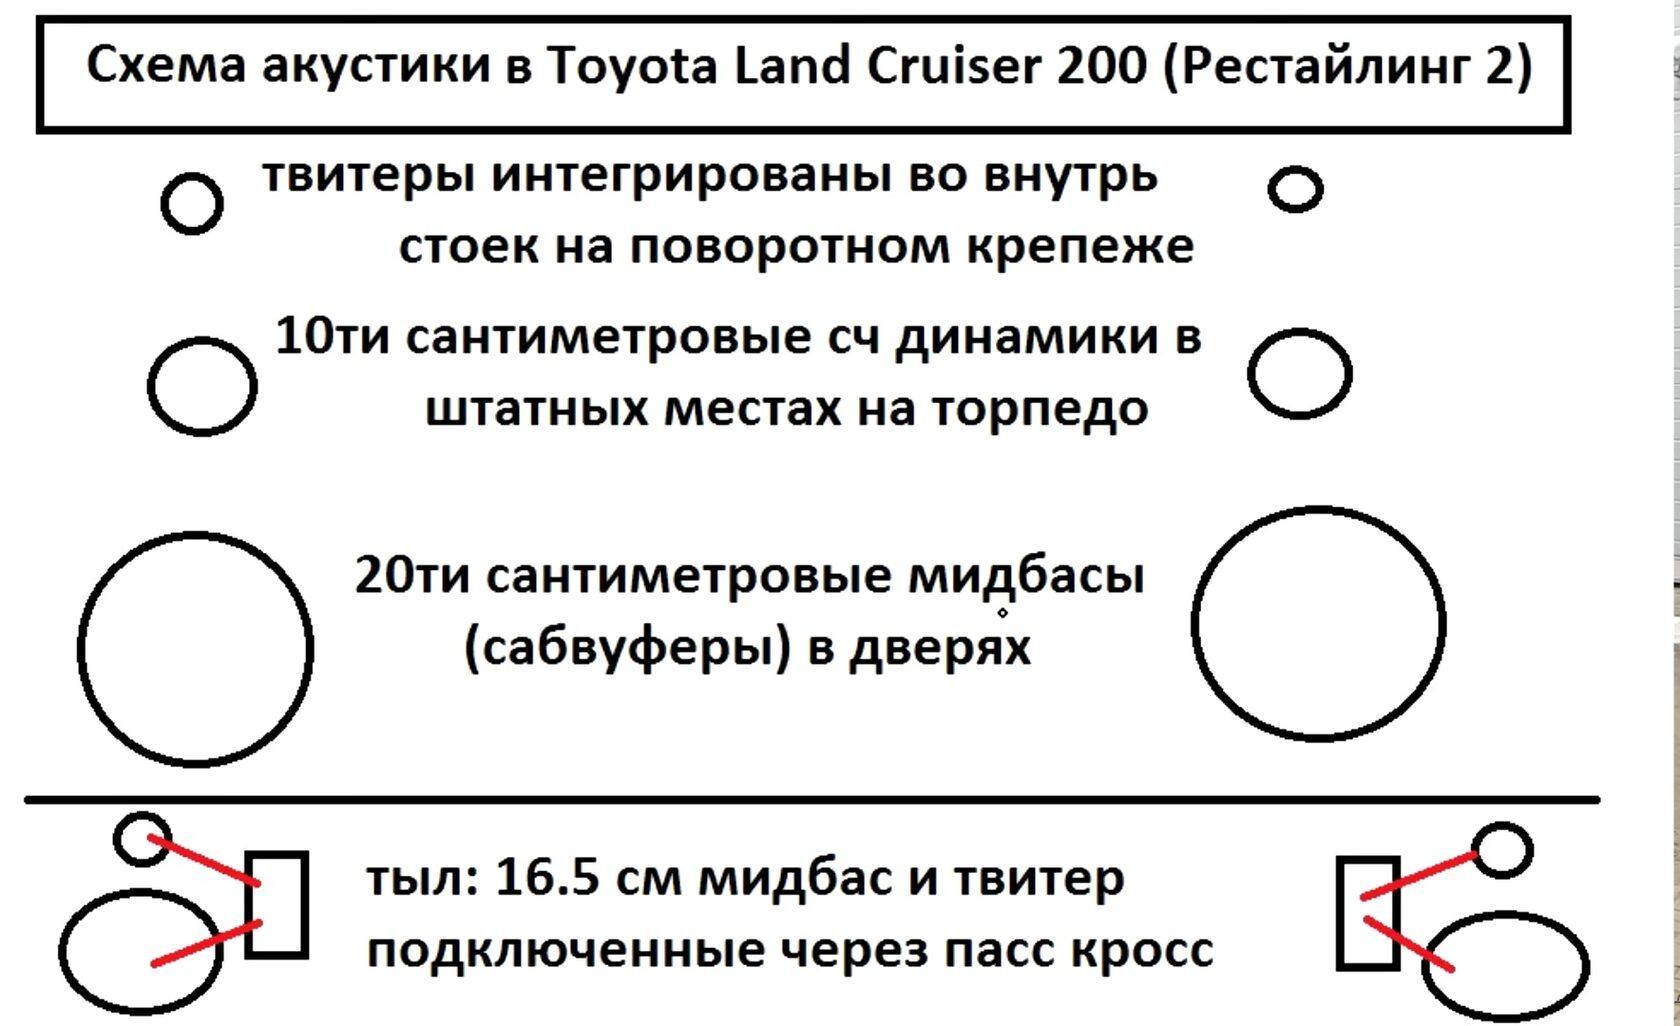 автозвук в tlc200